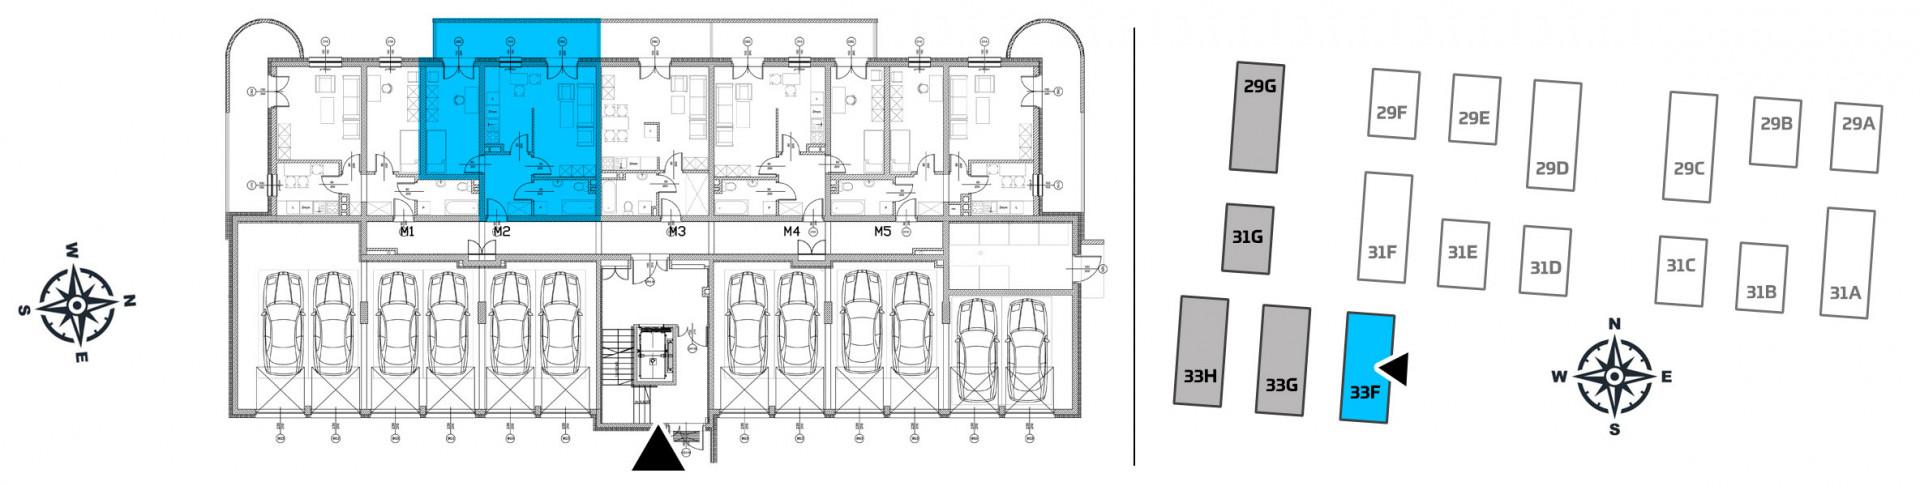 Mieszkanie dwupokojowe 33F/2 rzut 2